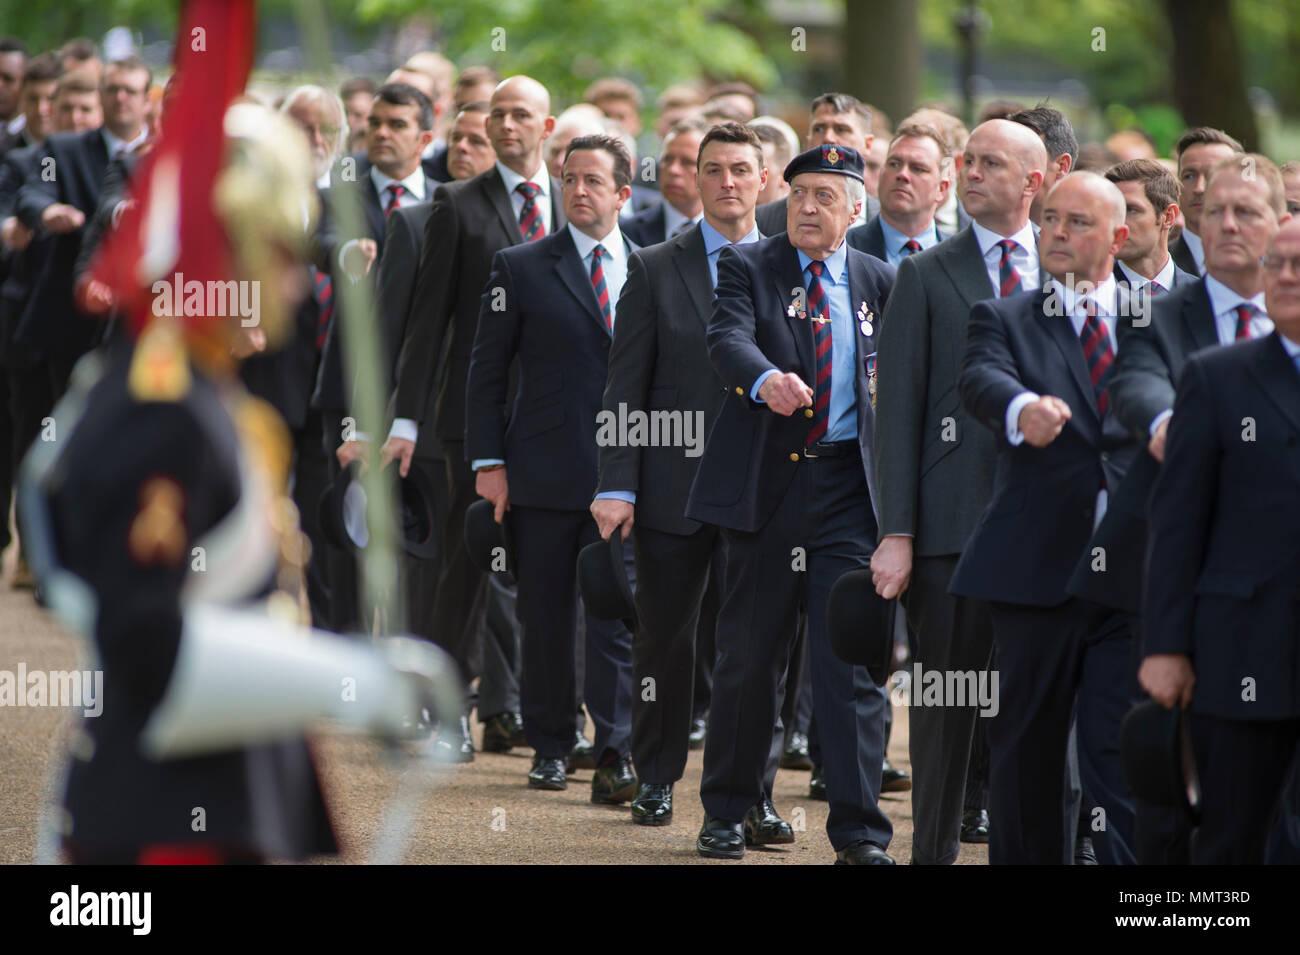 Hyde Park, London, UK. 13 mai, 2018. 94 ans après l'inauguration de son mémorial à Hyde Park la cavalerie et Yeomanry se réunissent pour rendre hommage aux membres de la Yeomanry Cavalry et qui est tombé dans la Première Guerre mondiale et dans les conflits ultérieurs. Son Altesse Royale la Princesse Royale KG KT GCVO GCStJ QSO GCL CD Le Colonel du blues et de la famille royale reçoit le salut à la parade annuelle et Service de la Cavalerie vieux camarades à l'Association Mémorial cavalerie adjacente à la Kiosque à Hyde Park. Credit: Malcolm Park/Alamy Live News. Photo Stock